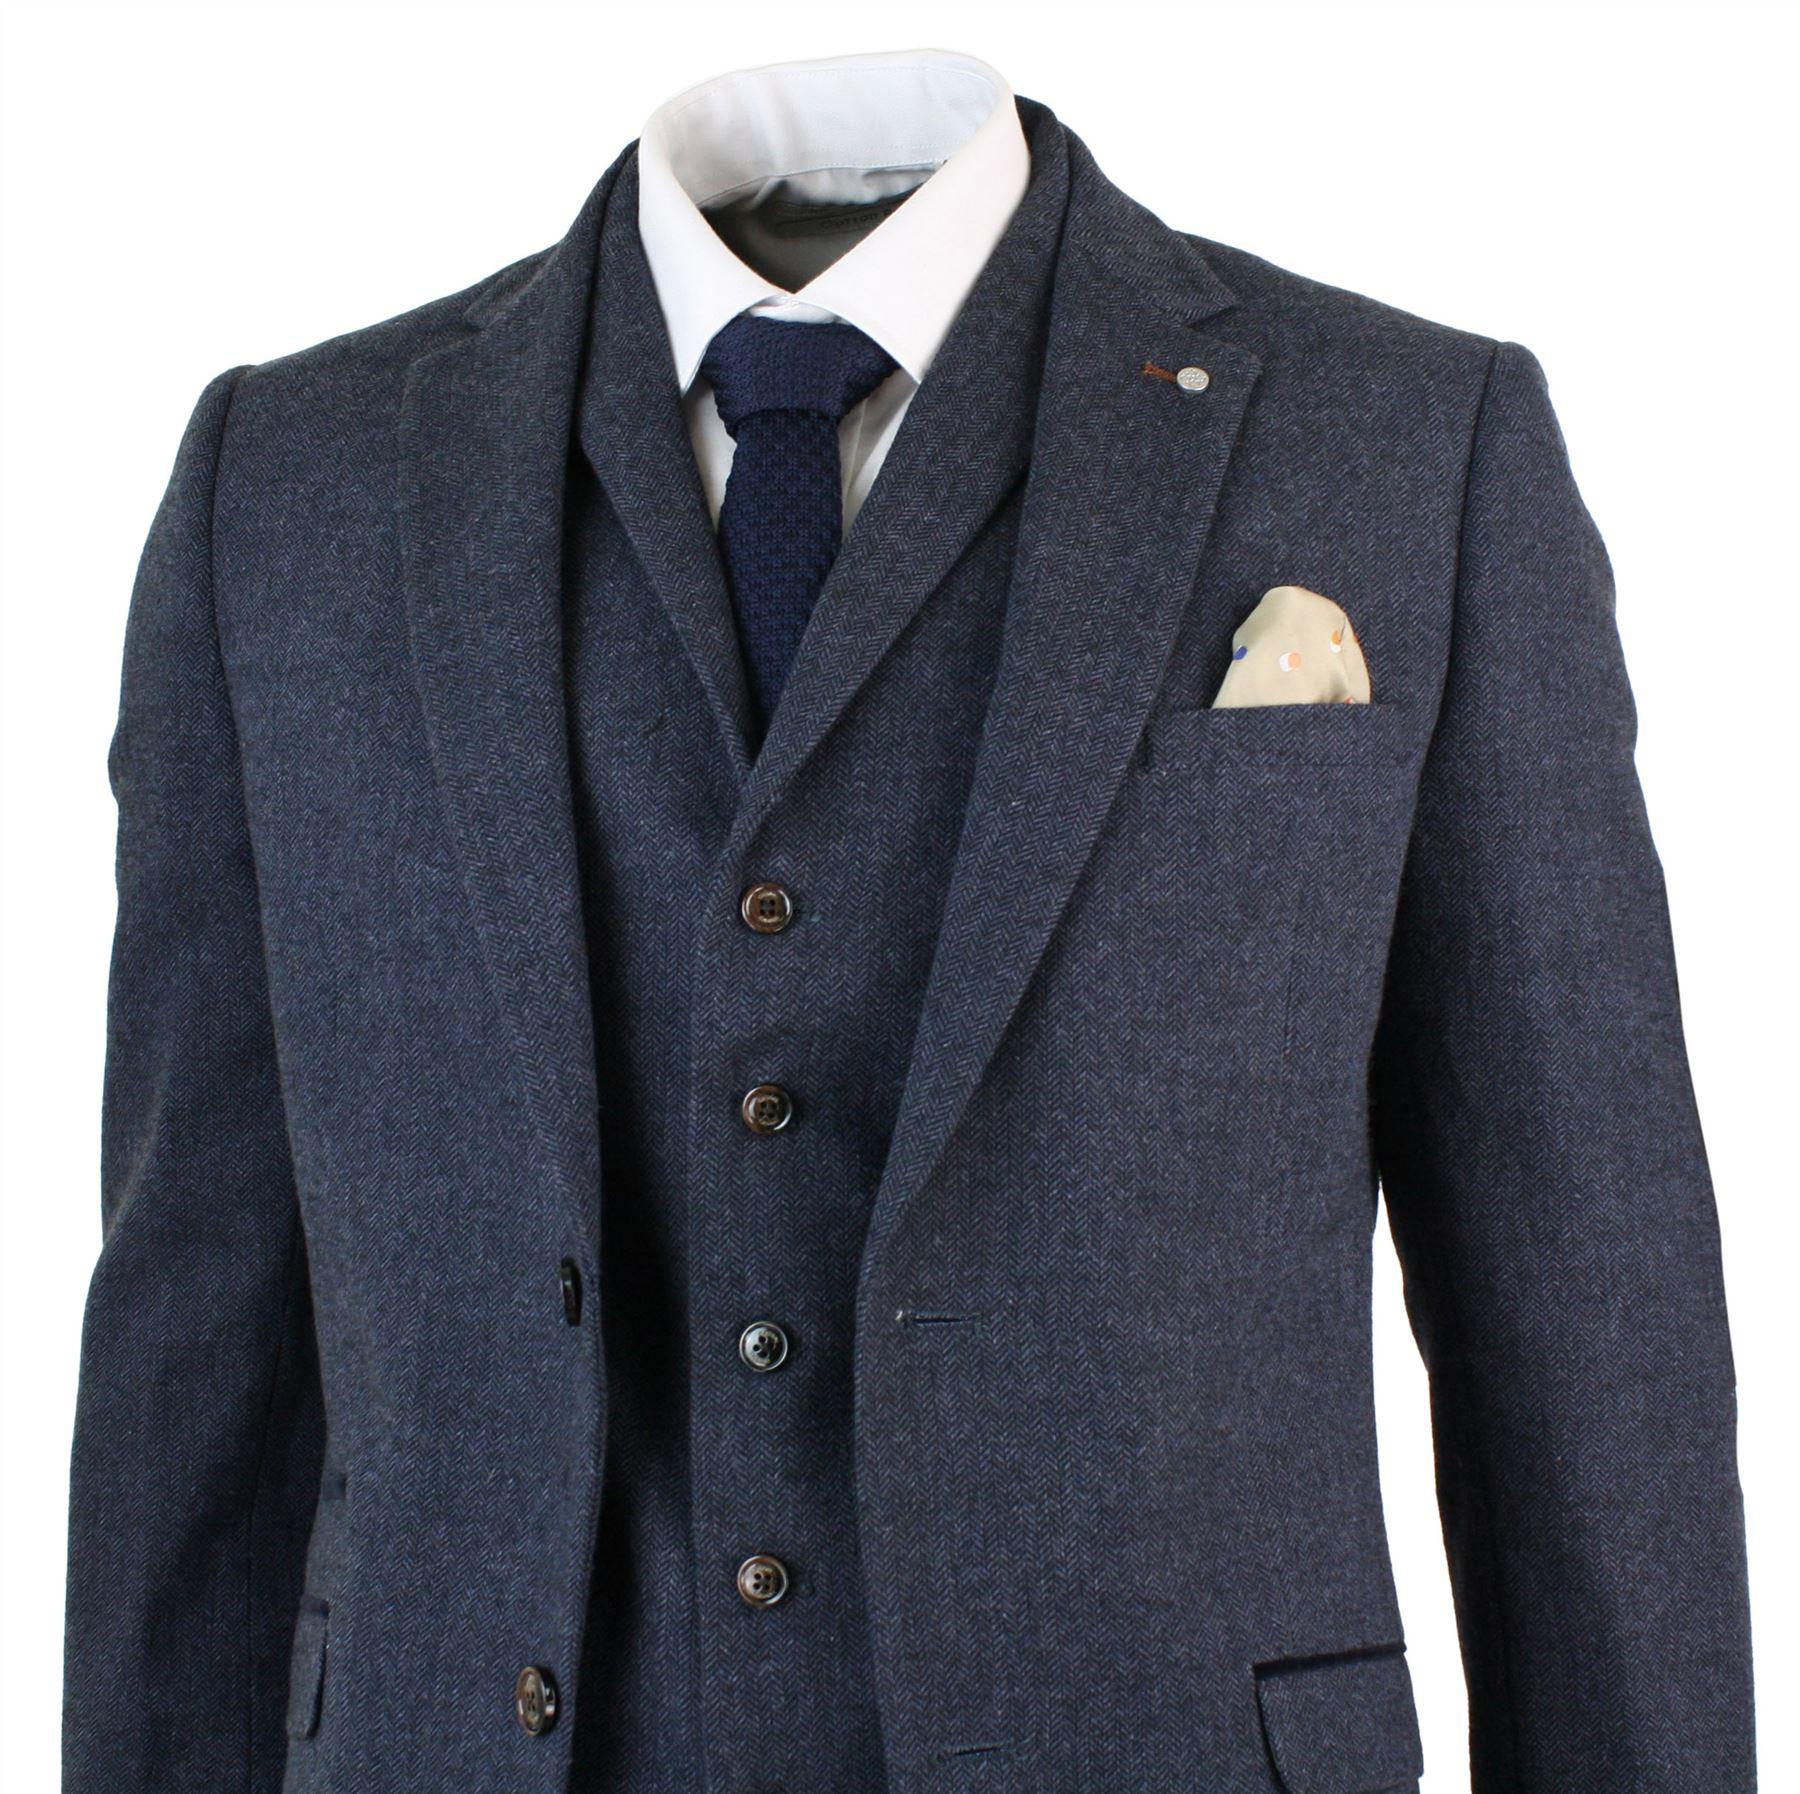 Fabuleux Costume 3 pièces homme tweed à chevrons laine mélangée bleu marron  HS23